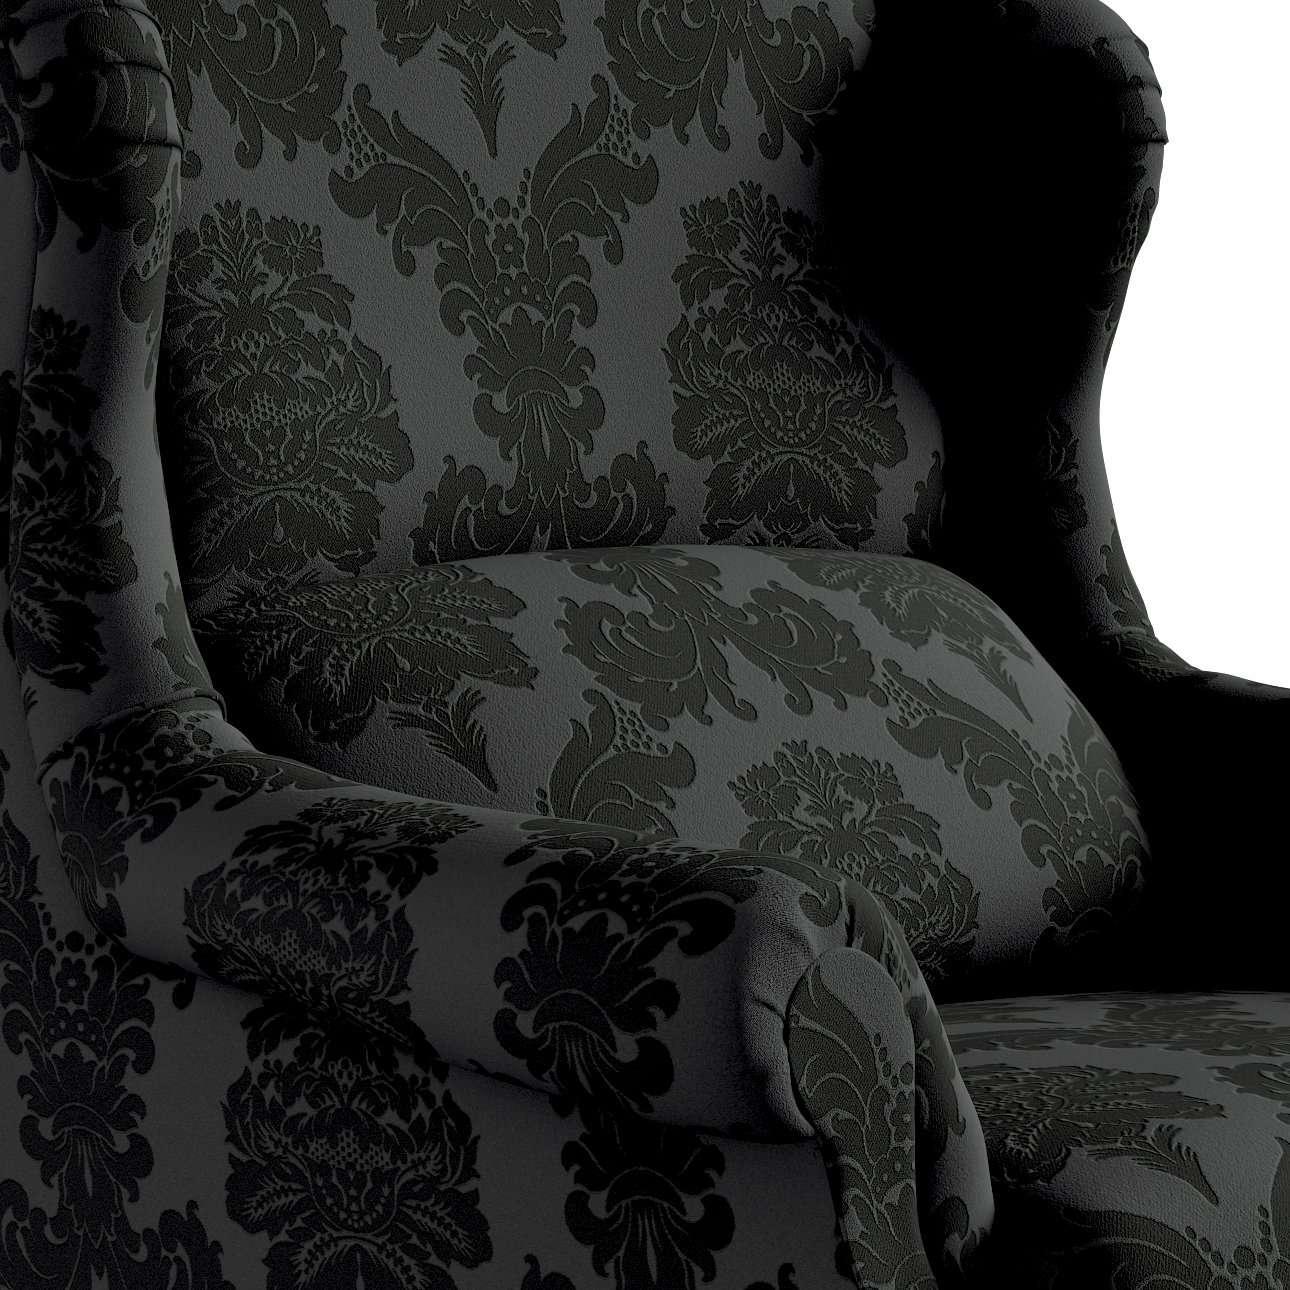 Sessel 63 x 115 cm von der Kollektion Damasco, Stoff: 613-32